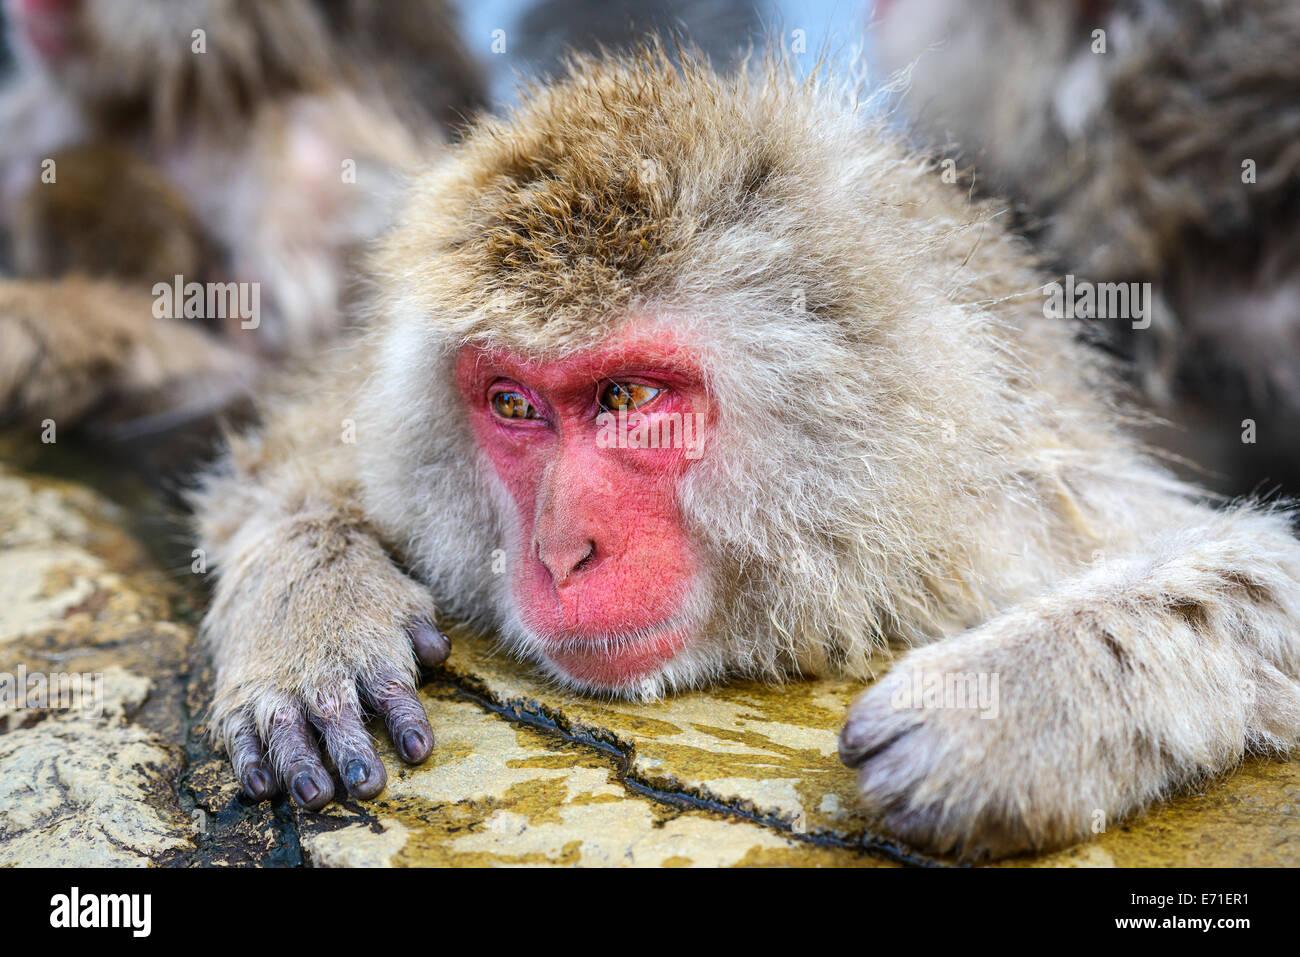 Bagni di macaco in sorgenti calde a Nagano, Giappone. Immagini Stock